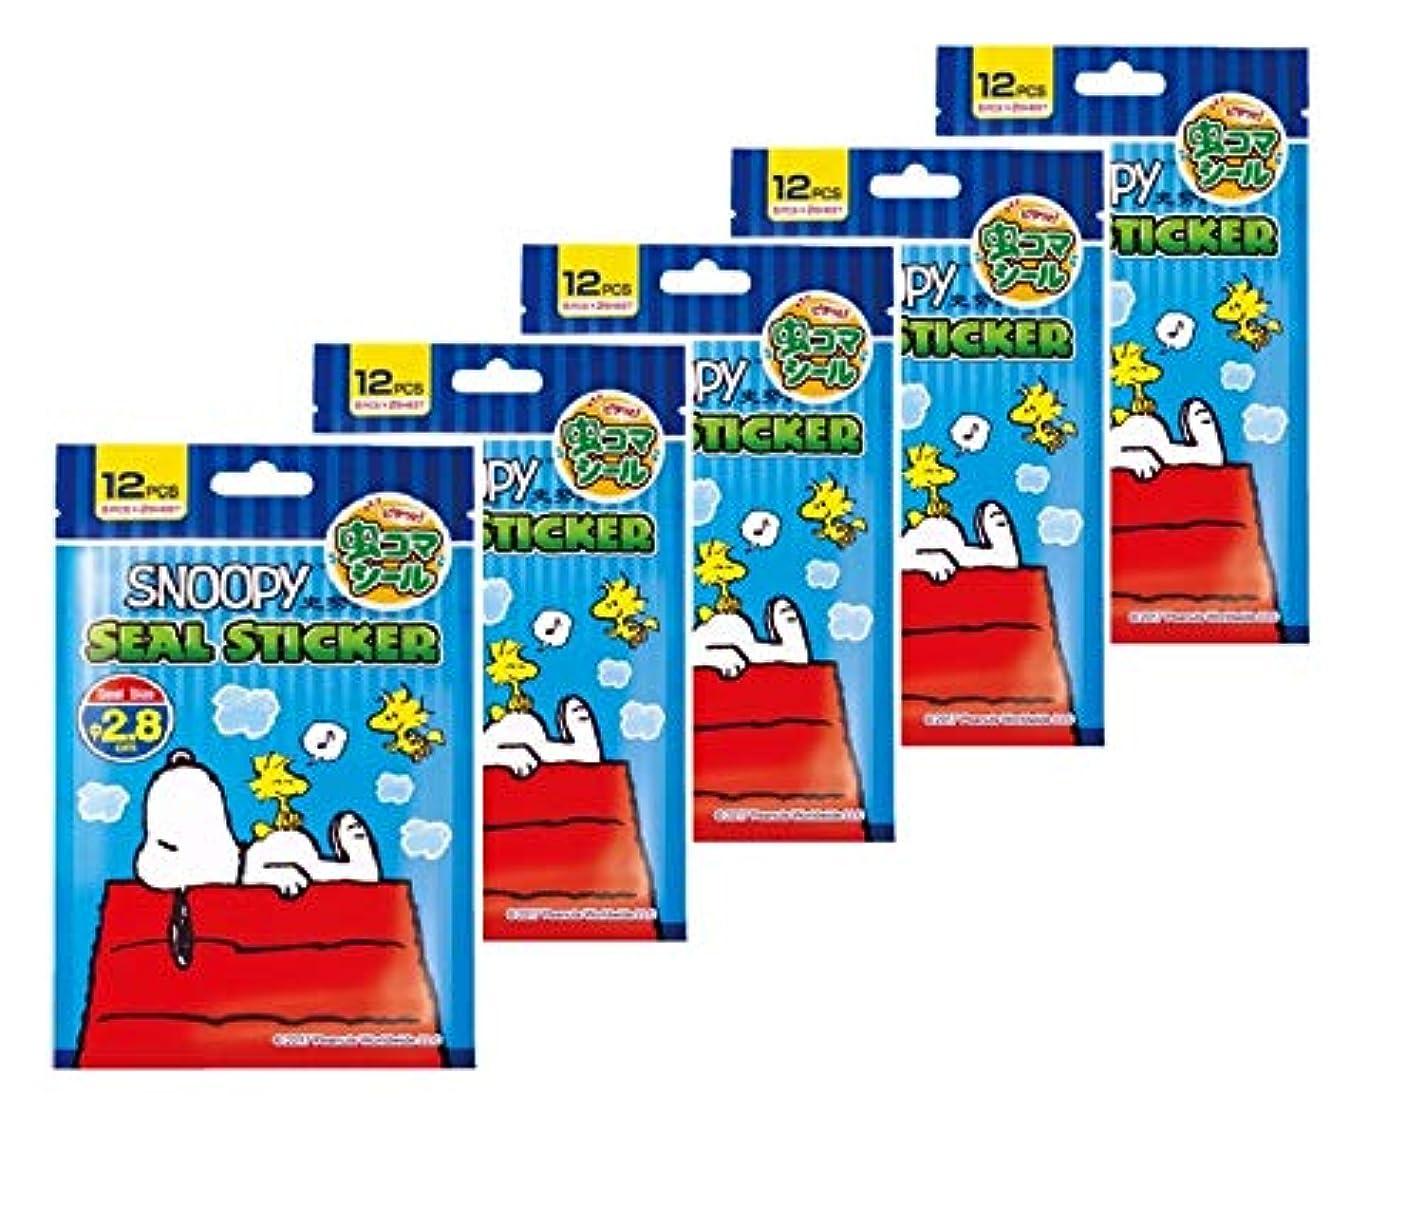 リビジョン神の食物キャラクター かわいい虫除け虫よけシール小分け 使いやすい1袋12枚合計60枚 (5, スヌーピー)